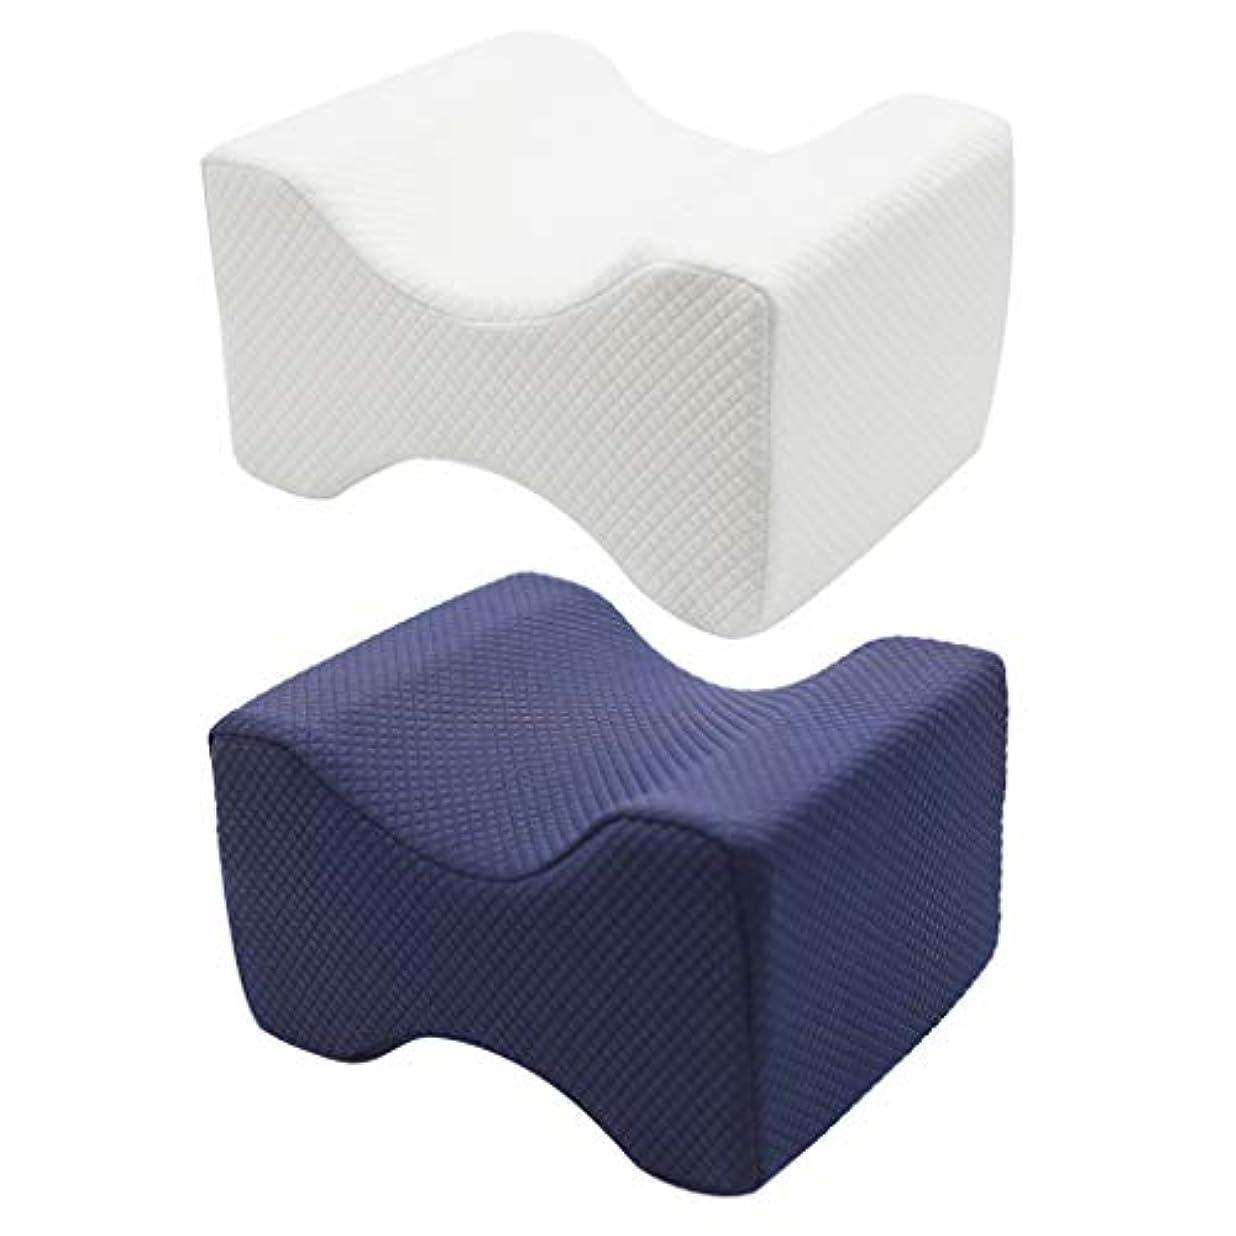 デクリメント鋼看板Sharrring記憶枕 肩こり対策 まくら 低反発枕、快眠枕 首?頭?肩 頸椎サポート 頭痛改善 ストレートネック矯正マクラ (白)